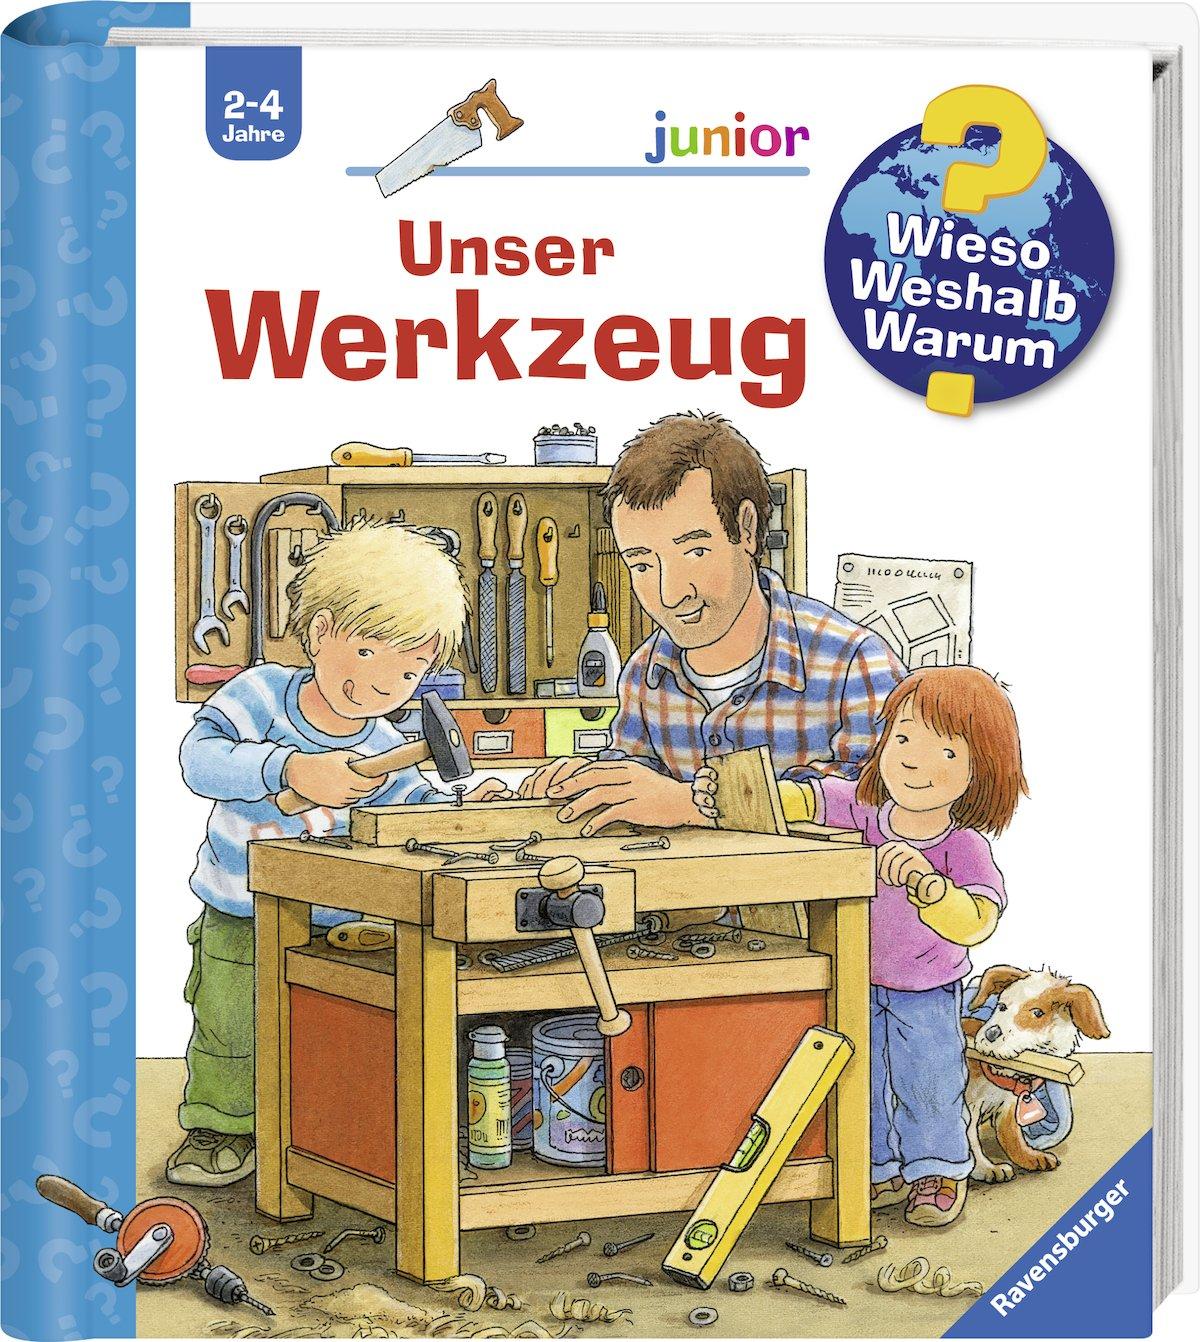 Wieso? Weshalb? Warum?: Unser Werkzeug (German Edition) - 81xZkSb0PnL - Wieso? Weshalb? Warum?: Unser Werkzeug (German Edition)